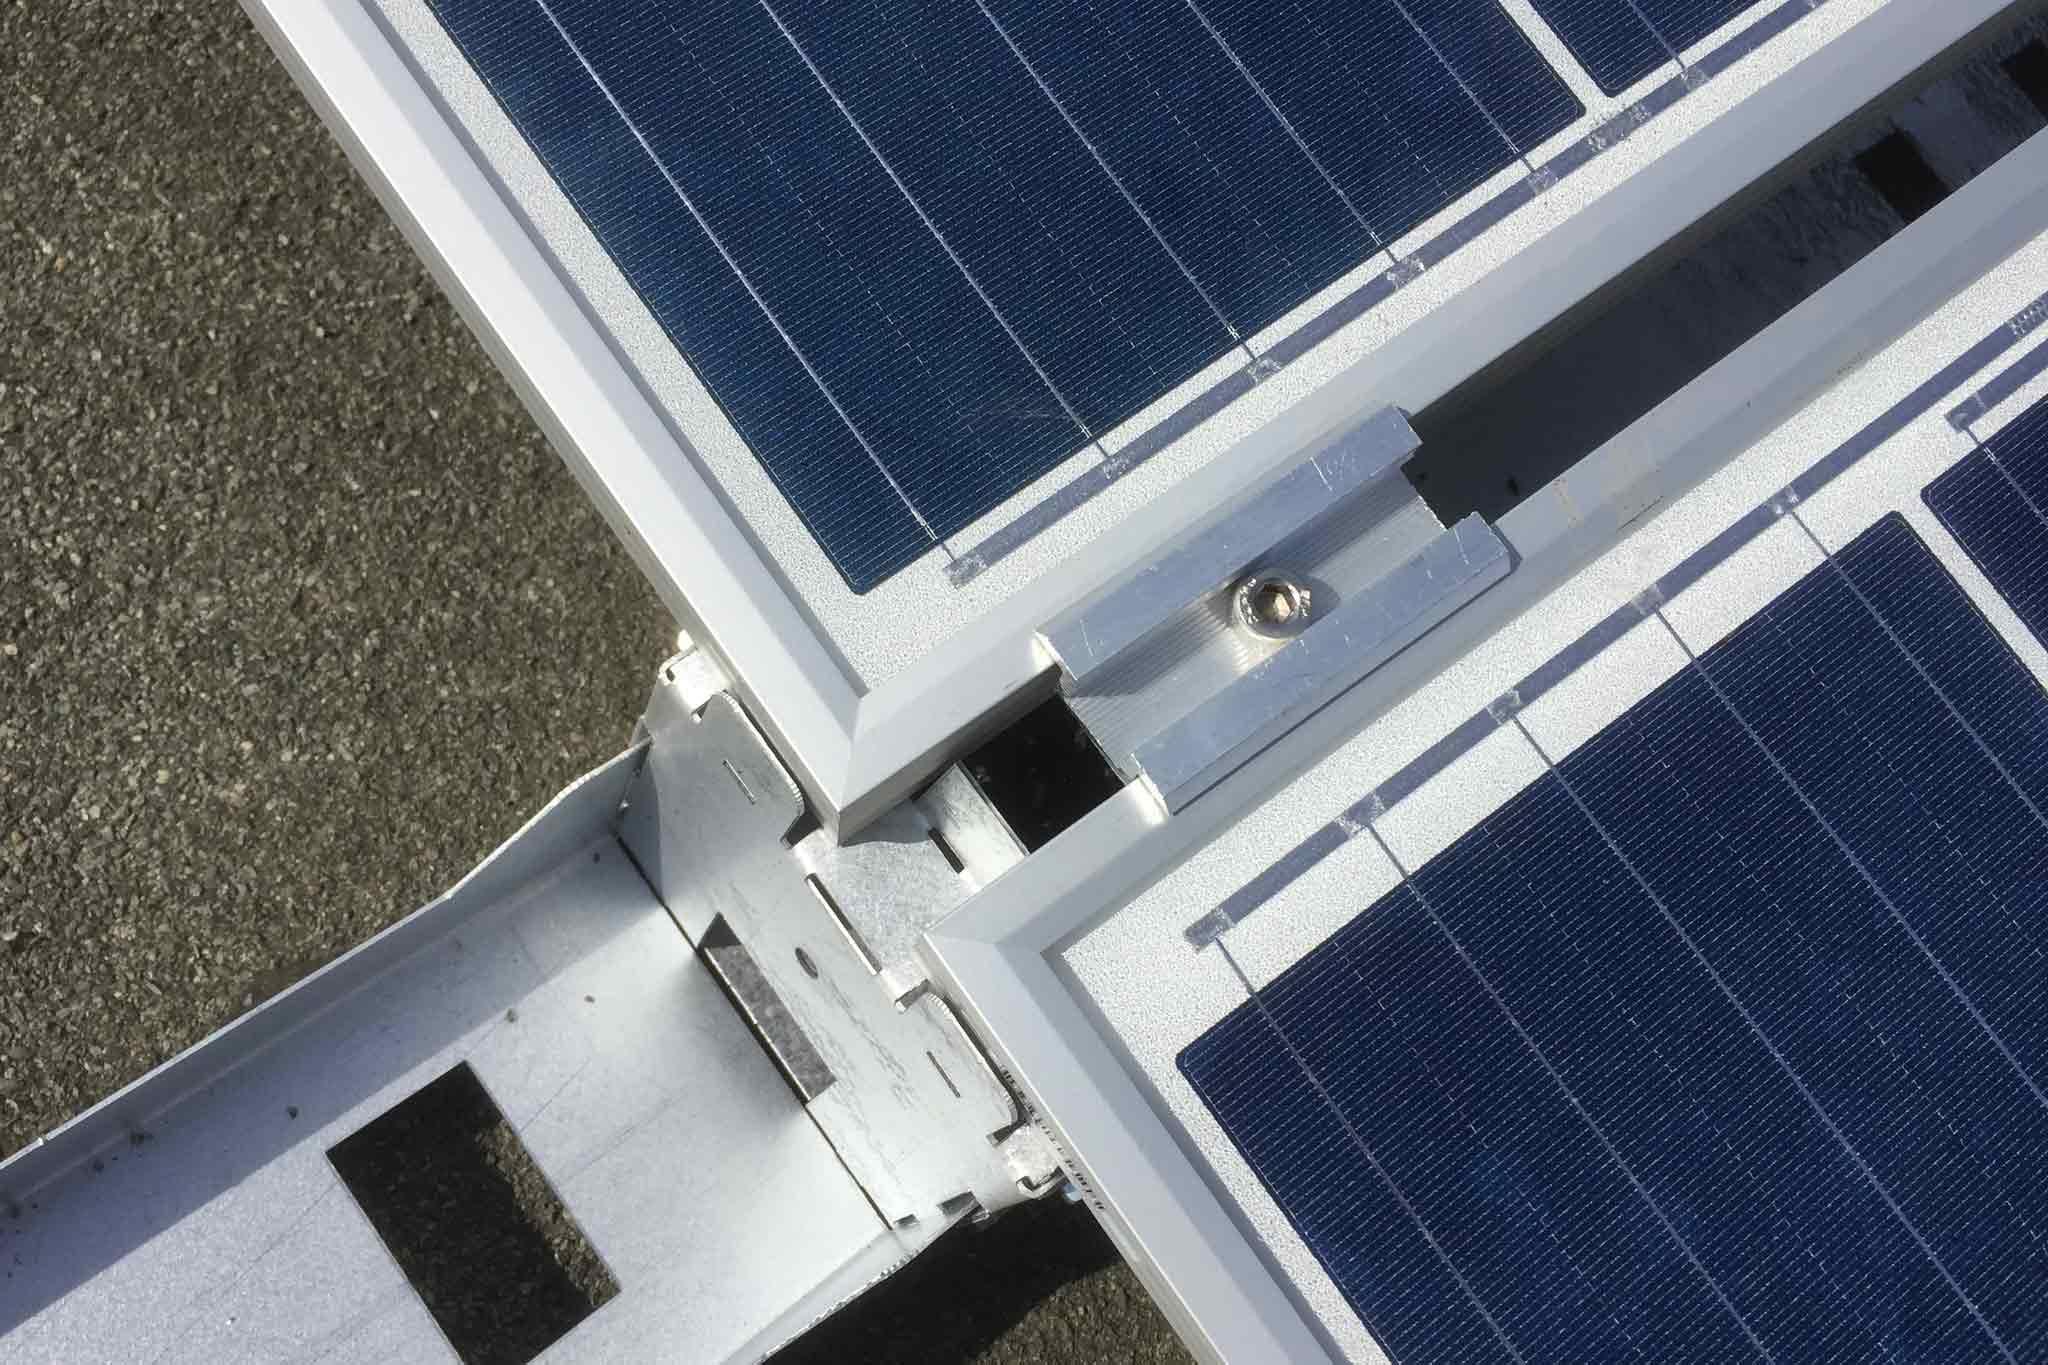 Verbundstück von zwei Solarmodulen